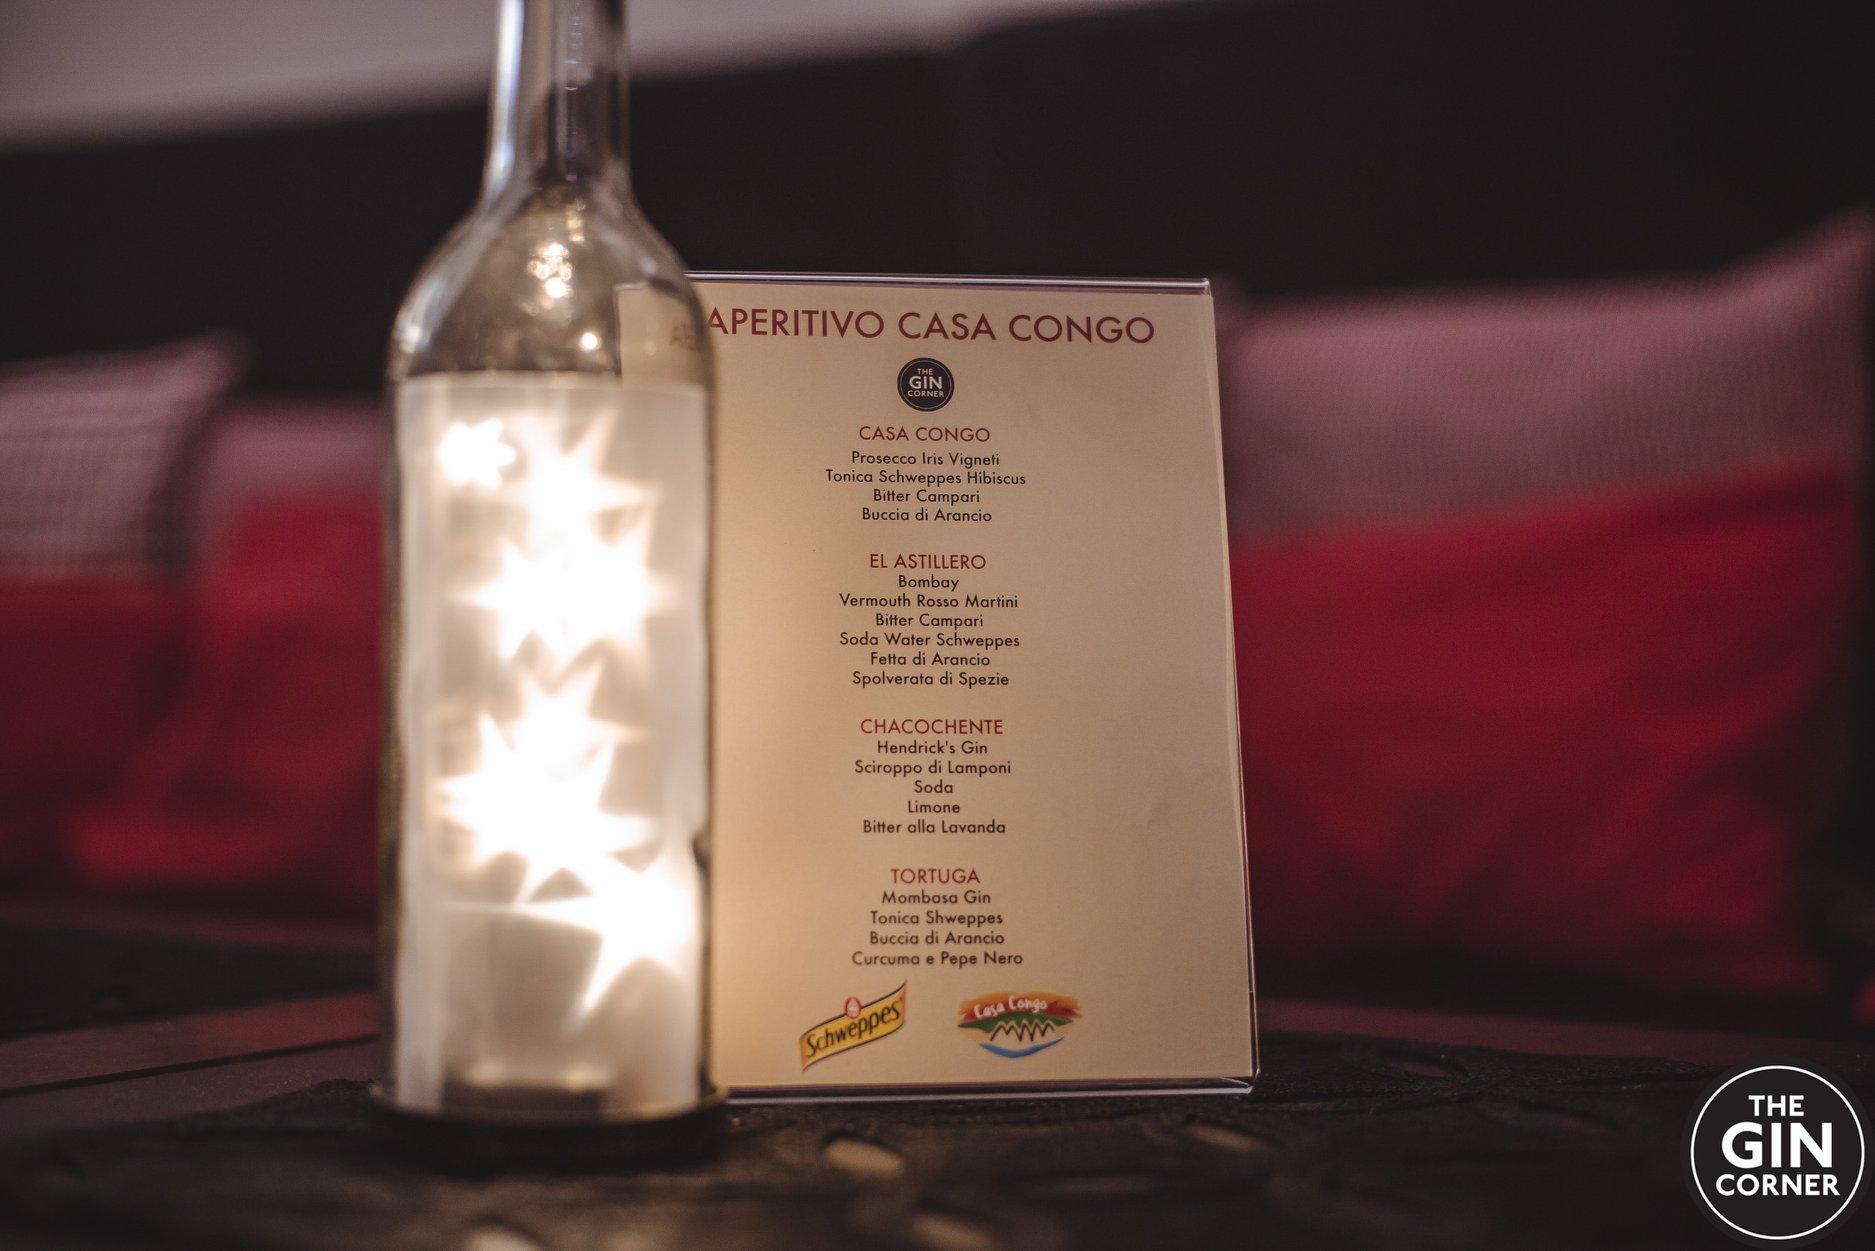 aperitivo casa congo the gin corner 2018